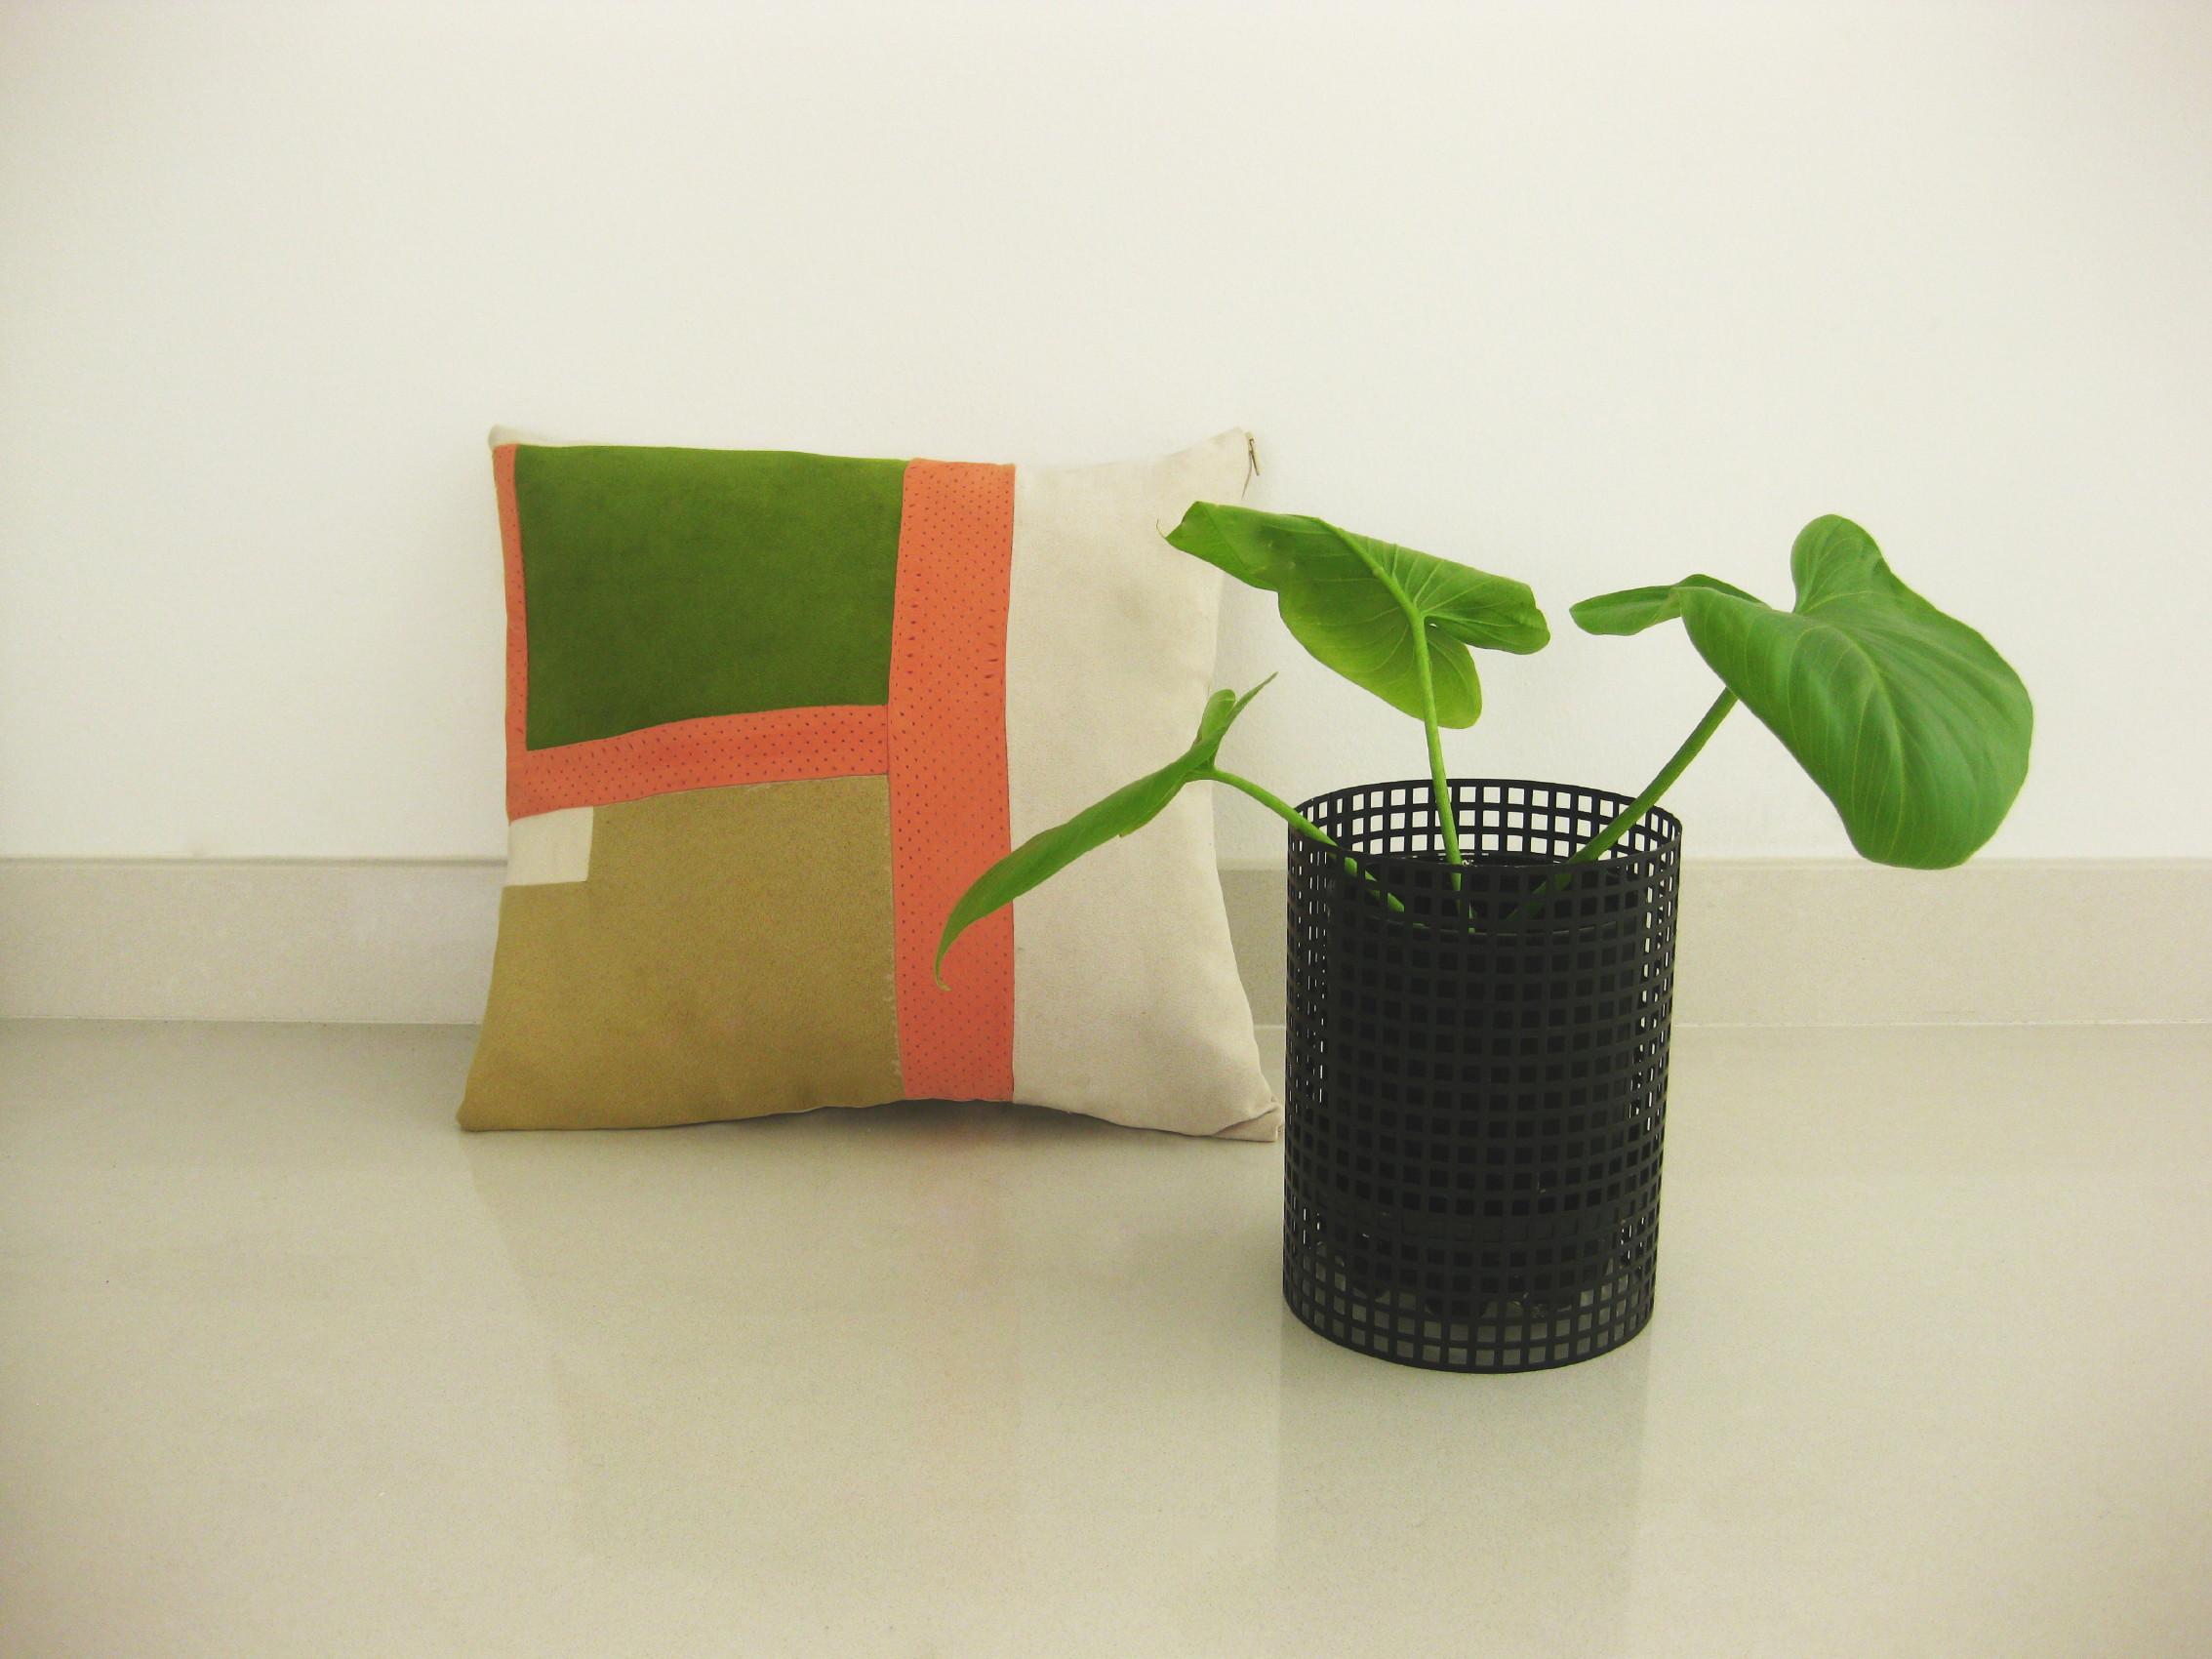 nova-linija-decora-kolekcija-jastuka-modne dizajnerice-marine-prevolsek-12